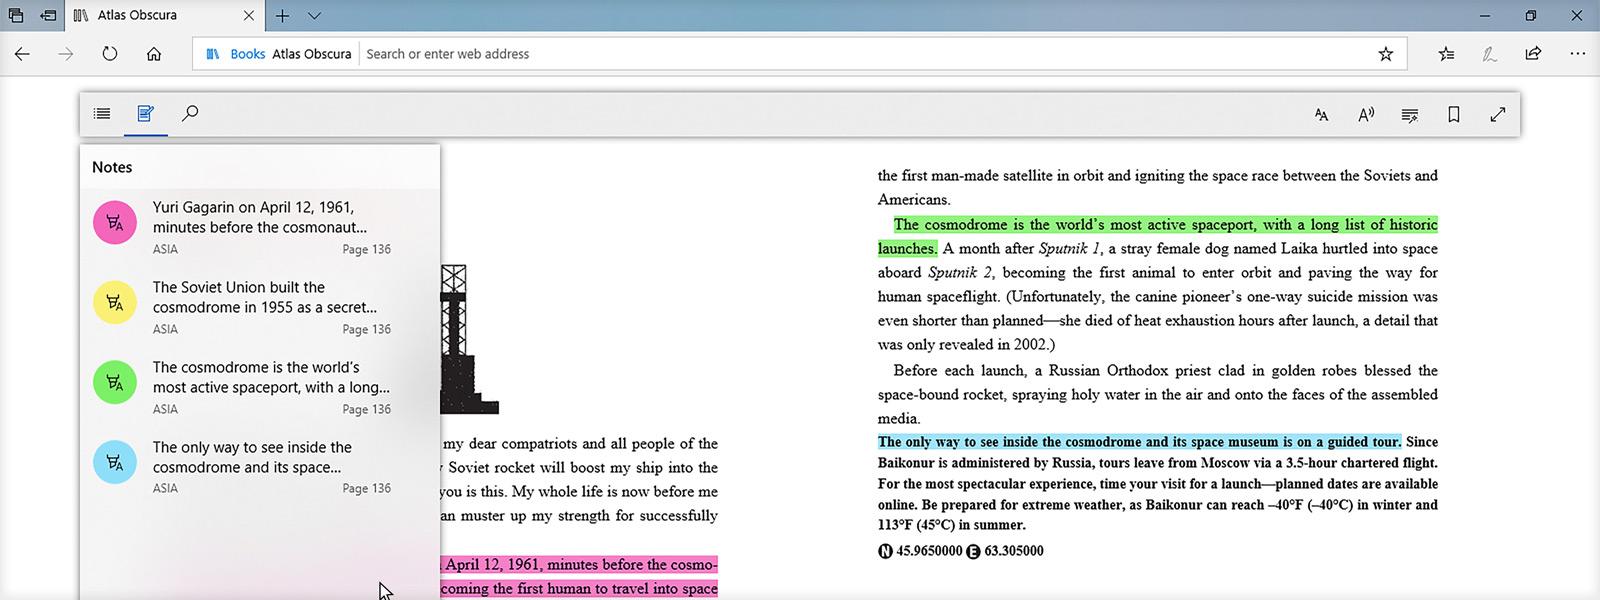 Obrázek zobrazující zvýraznění textu při čtení knih v aplikaci Microsoft Edge